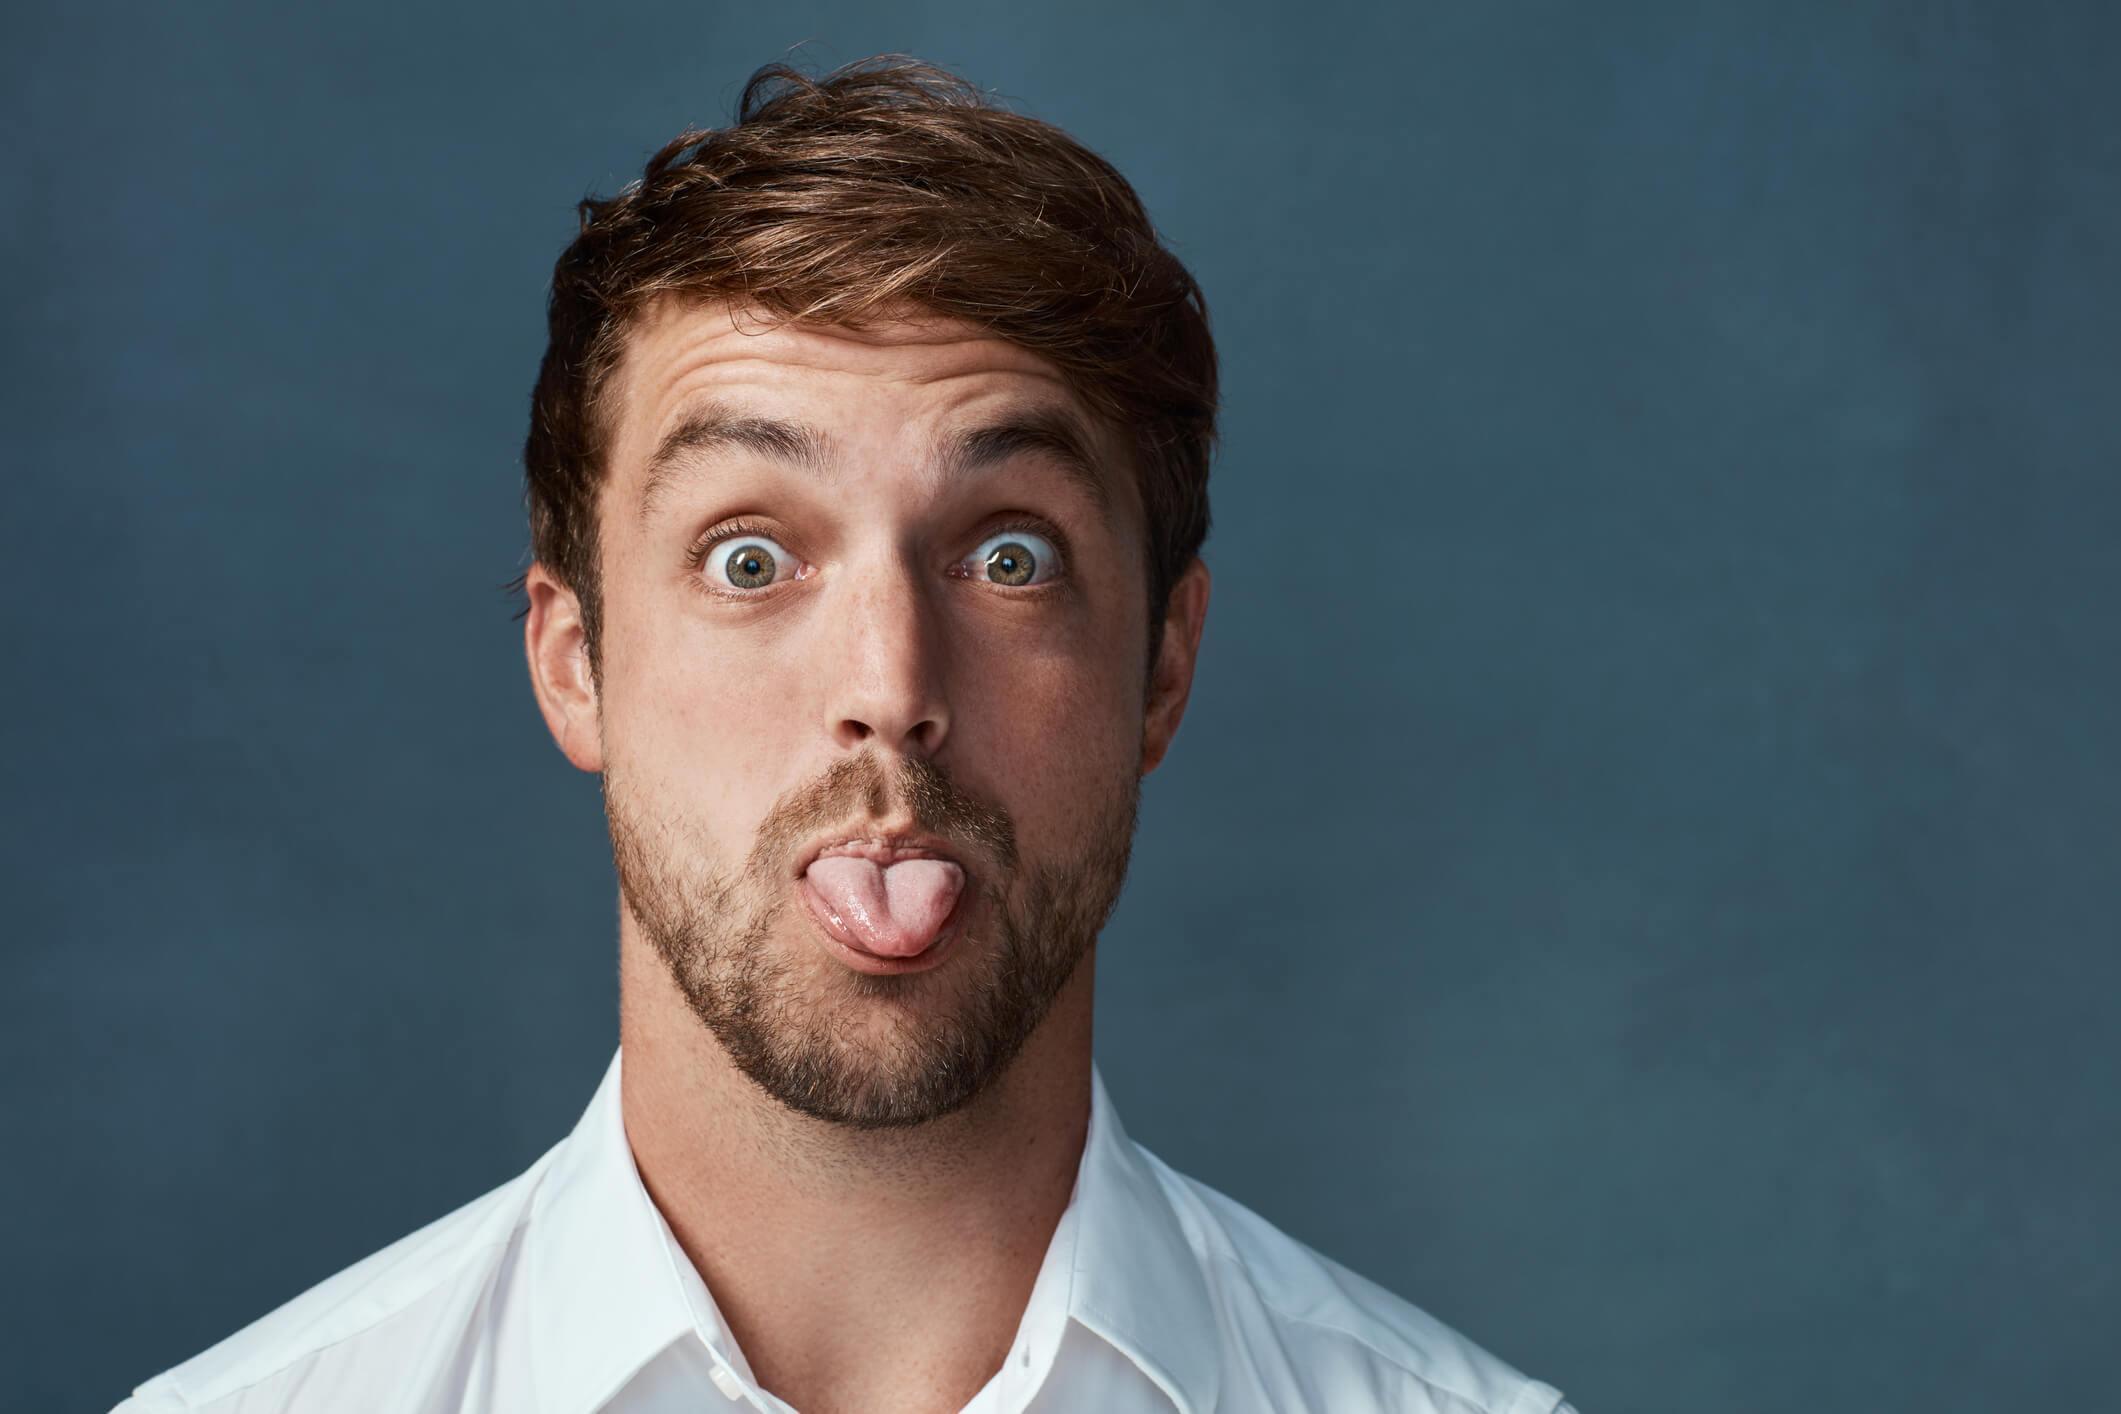 Tenho língua presa: o que fazer?